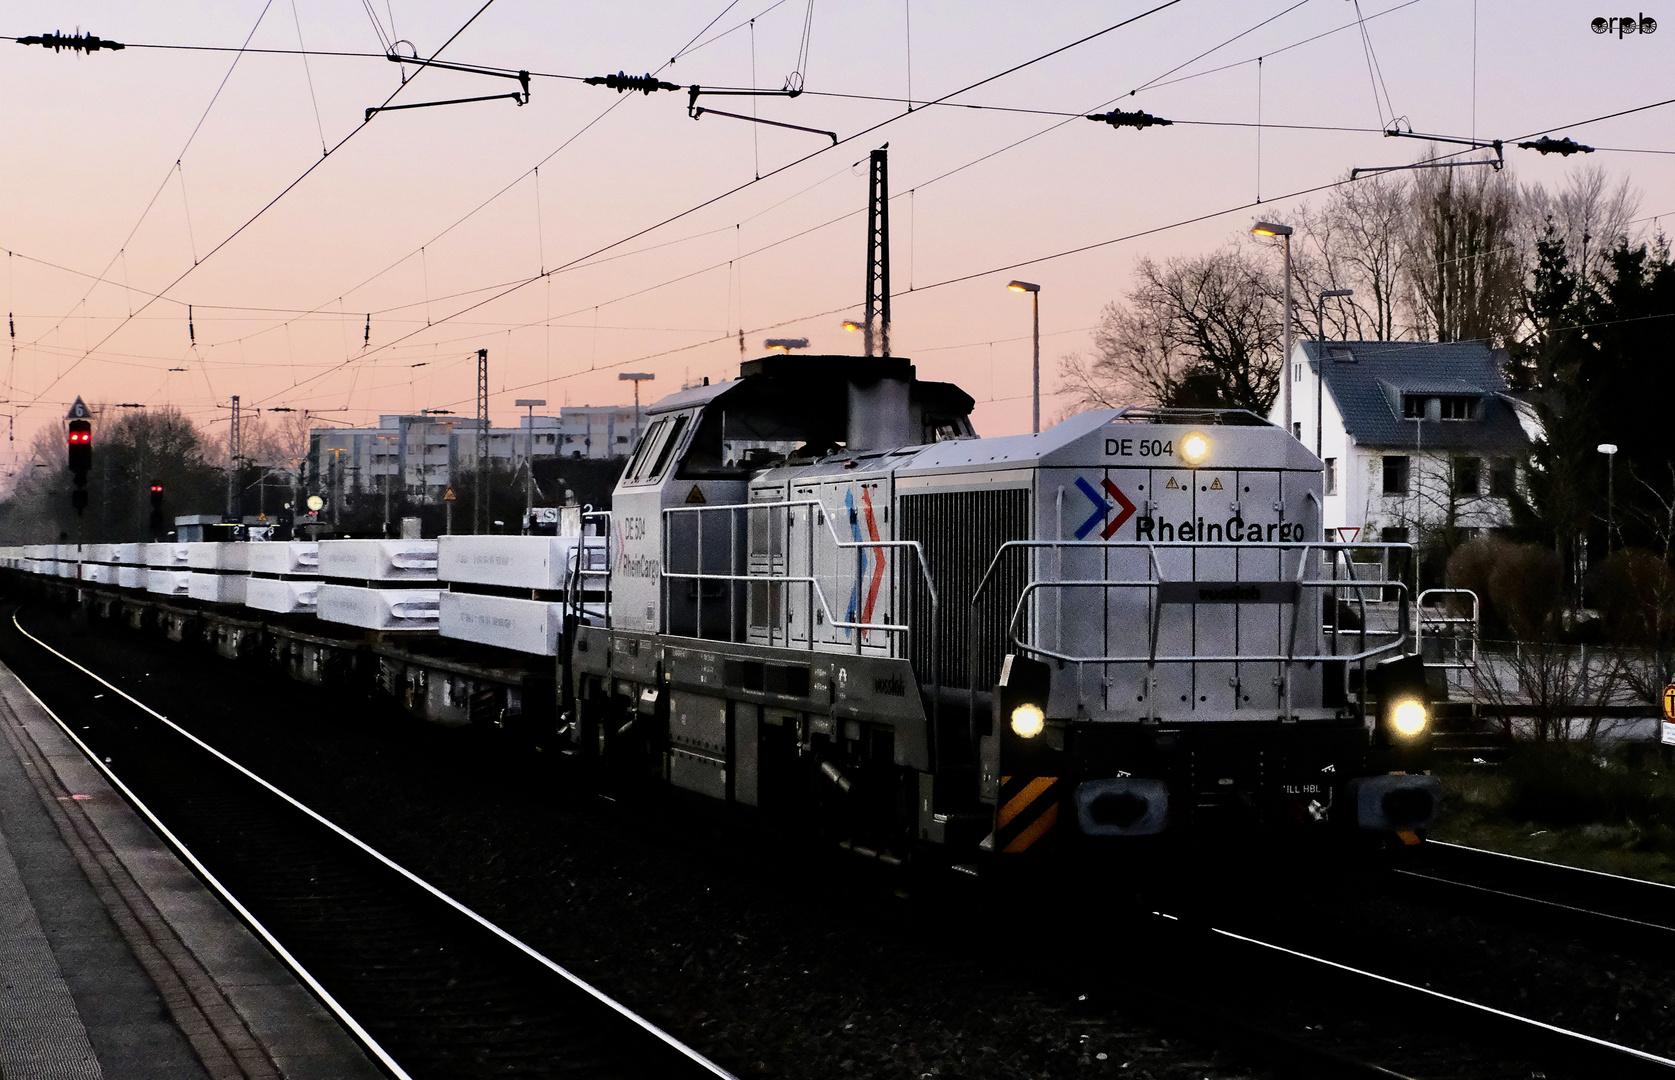 RheinCargo DE 504 in der Dämmerung